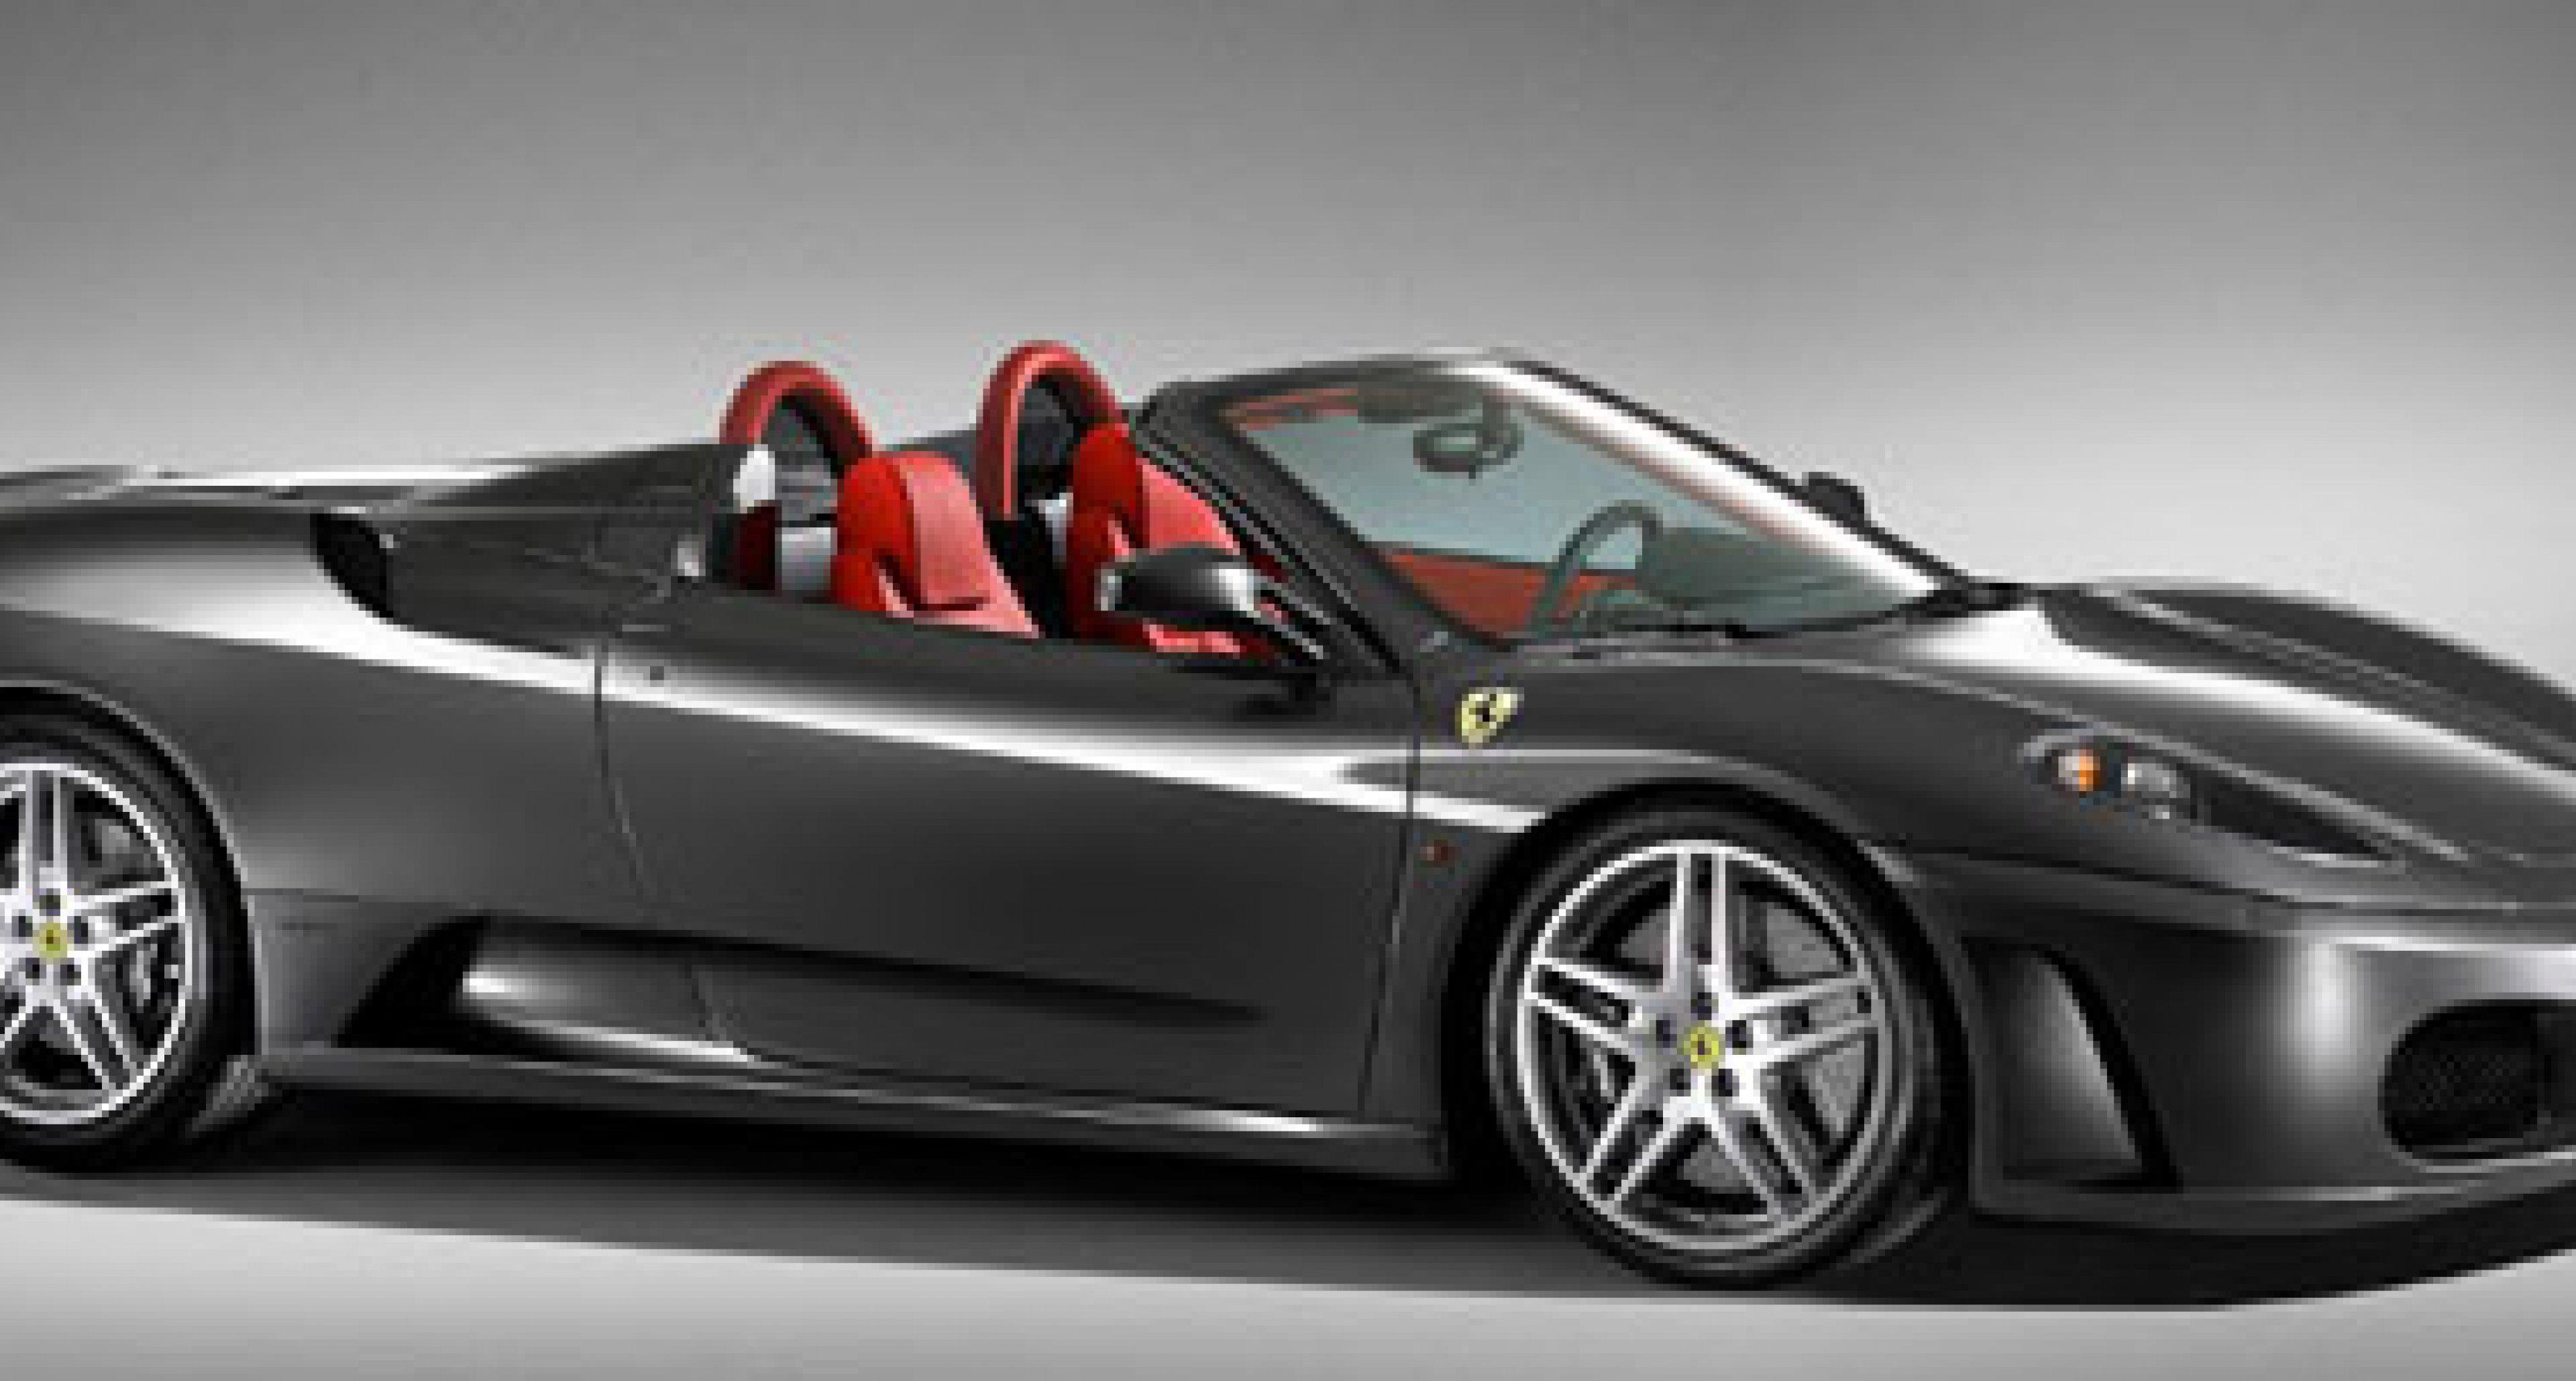 Ferrari F430 to debut at Geneva